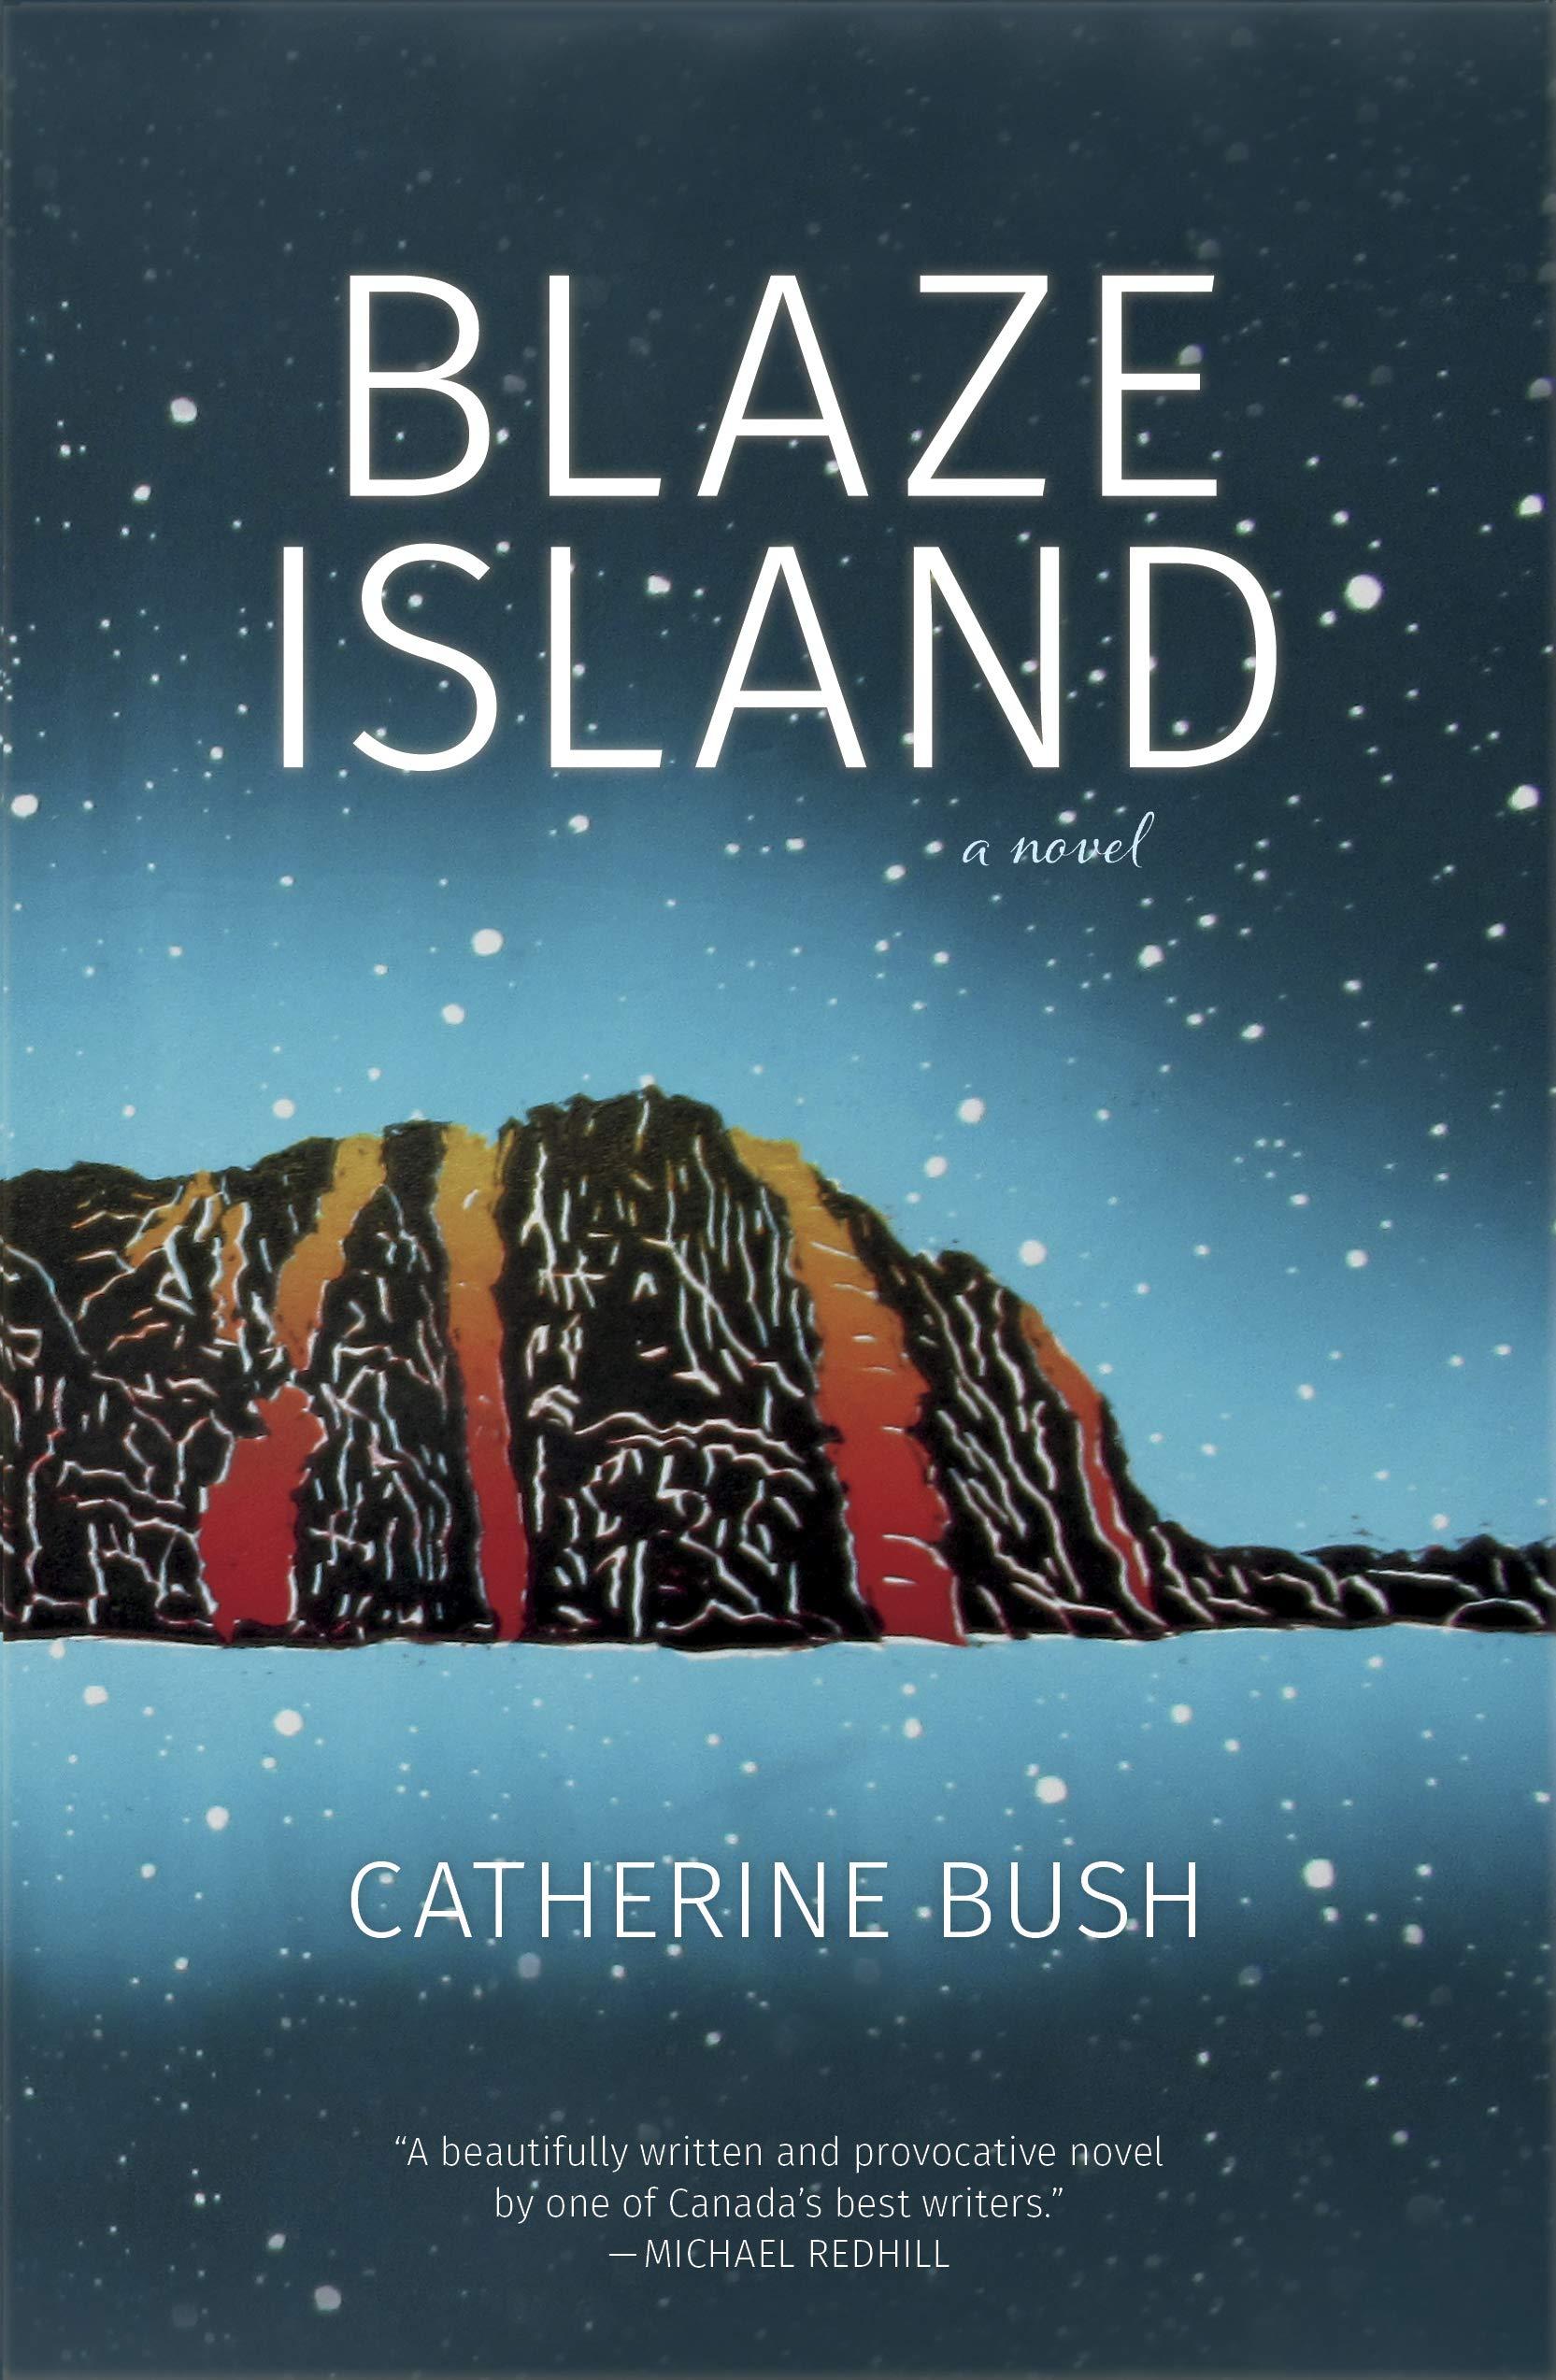 Blaze Island